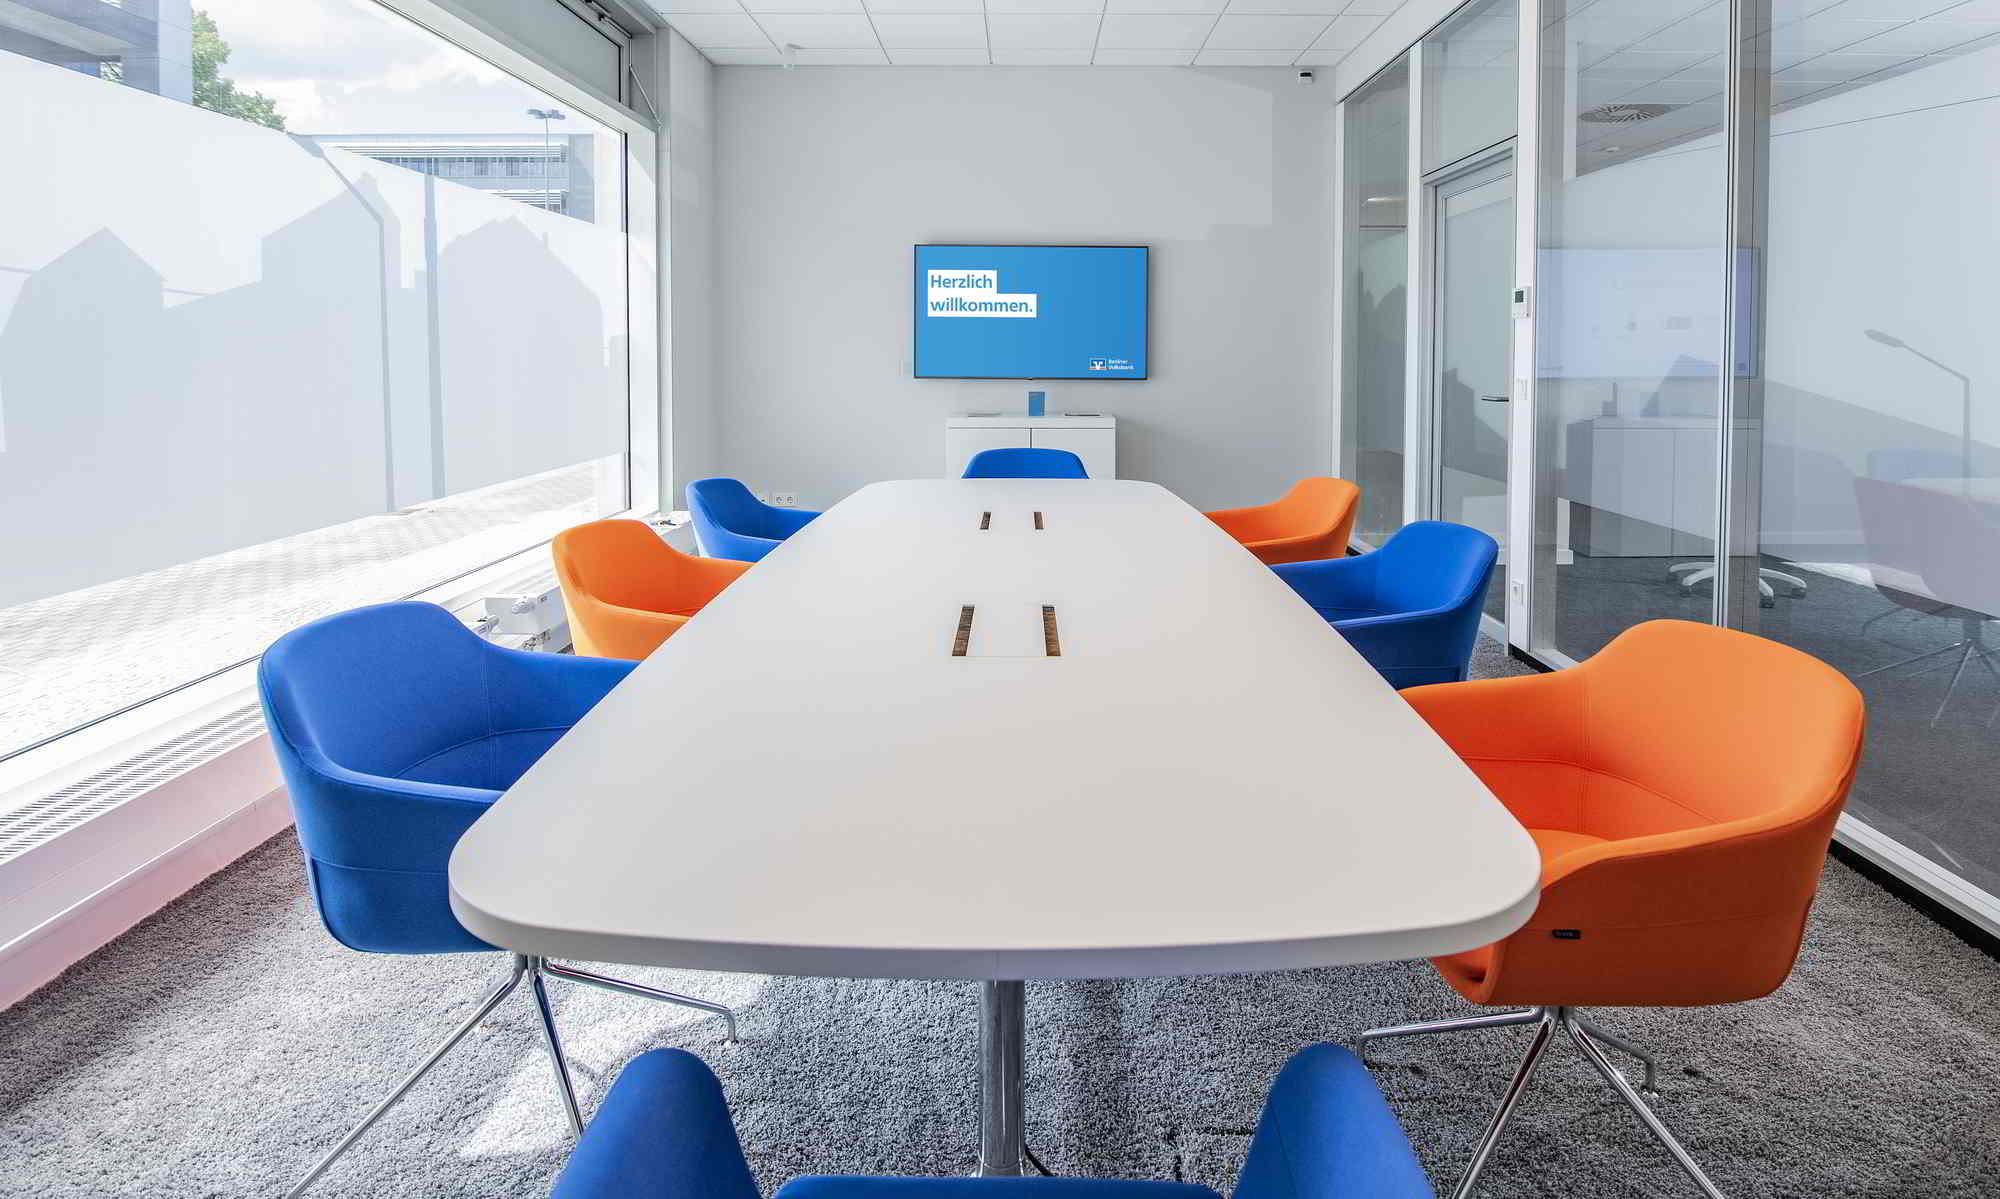 Weißer Konferenztisch mit Stühlen in den Volksbankfarben: orange und blau